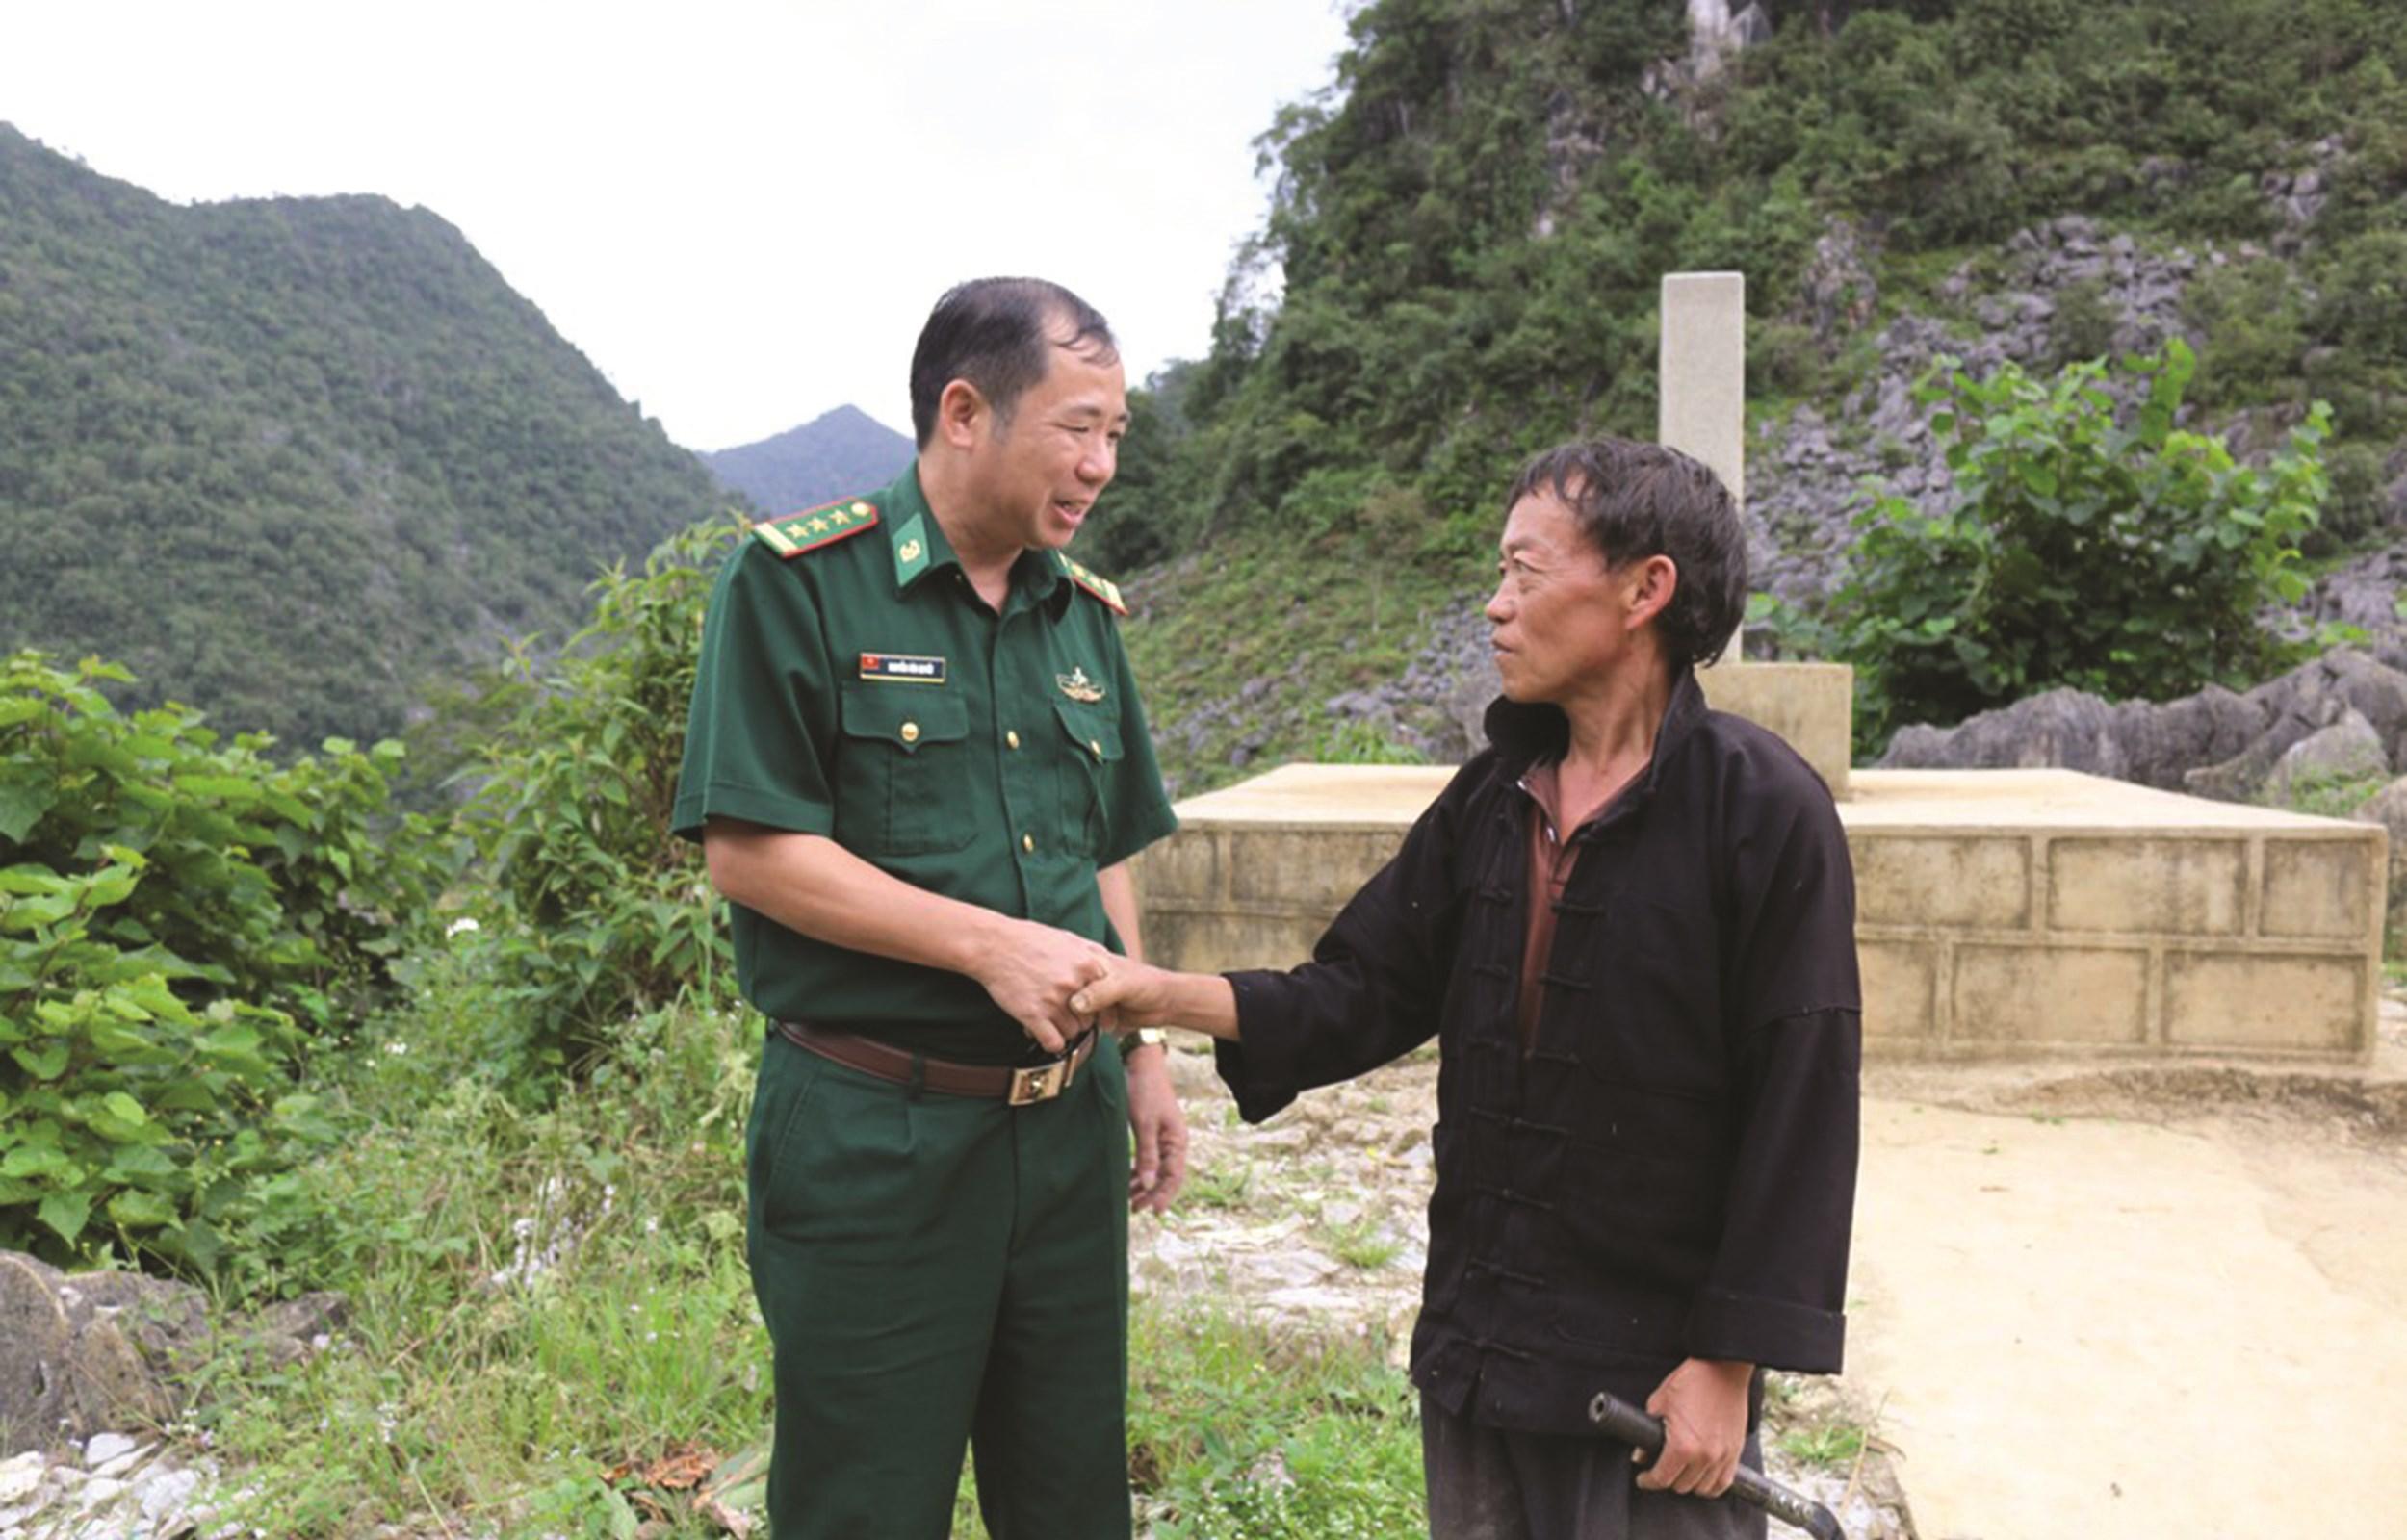 Cán bộ Đồn Biên phòng Đồng Văn, BĐBP Hà Giang và đội ngũ Người có uy tín sinh sống gần khu vực cột mốc biên giới thường xuyên phối hợp tuần tra,bảo vệ cột mốc